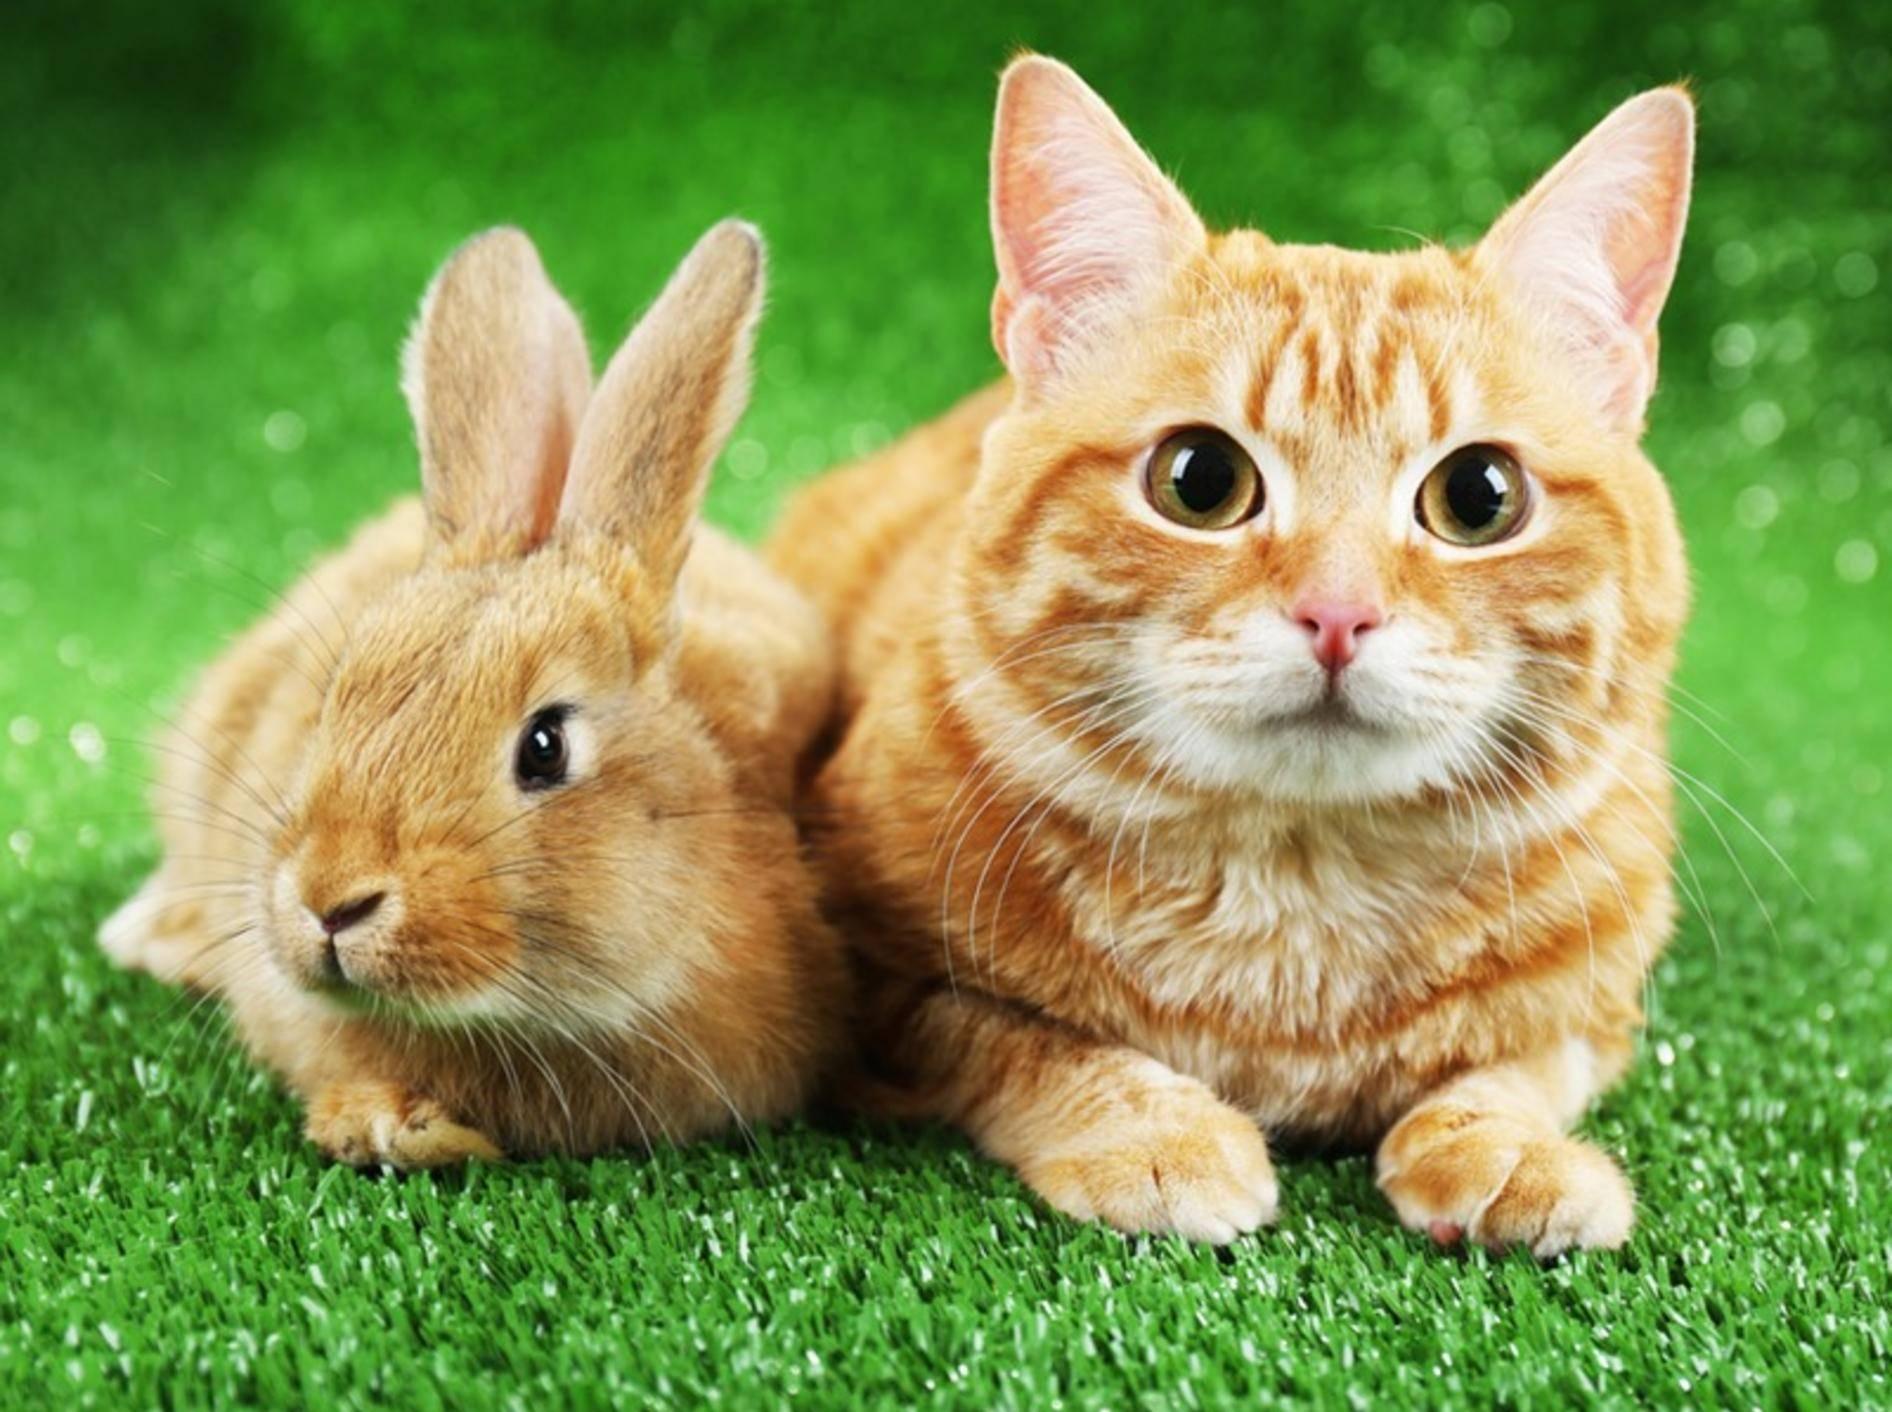 Manchmal funktioniert das Zusammenleben von Katzen und Kaninchen, meistens aber bedeutet es Stress – Shutterstock / Africa Studio